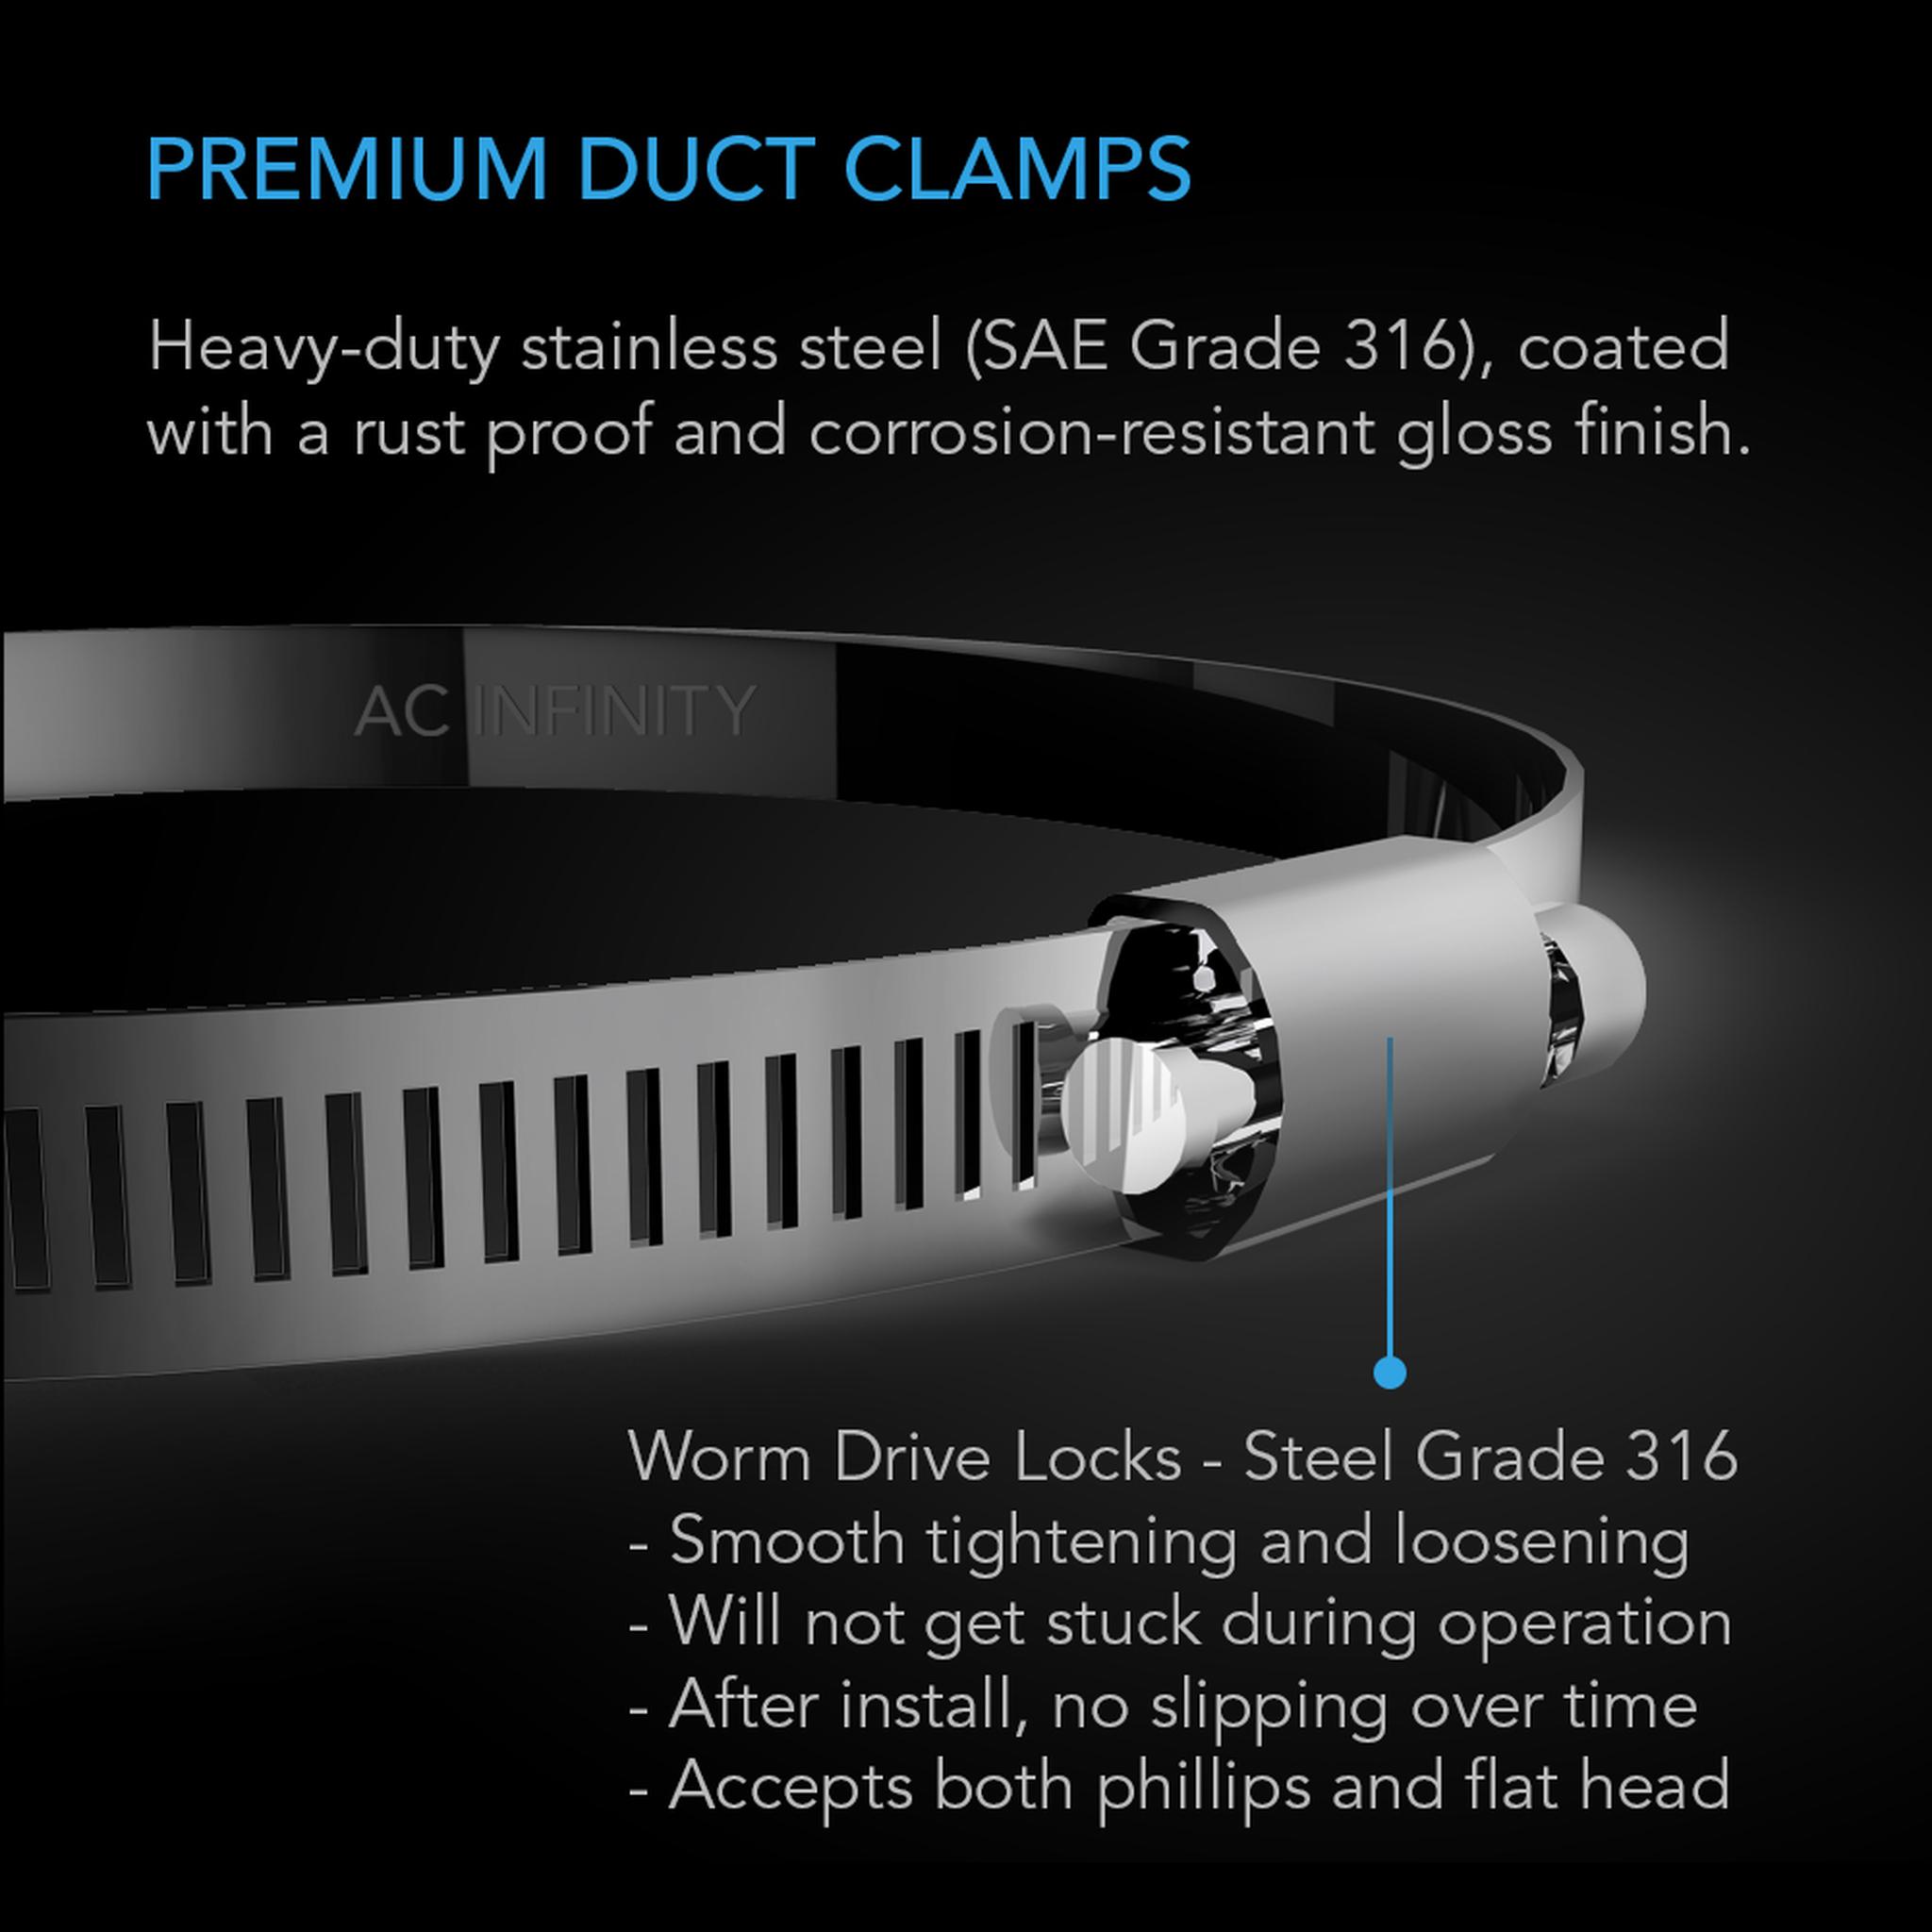 Premium Duct Clamps